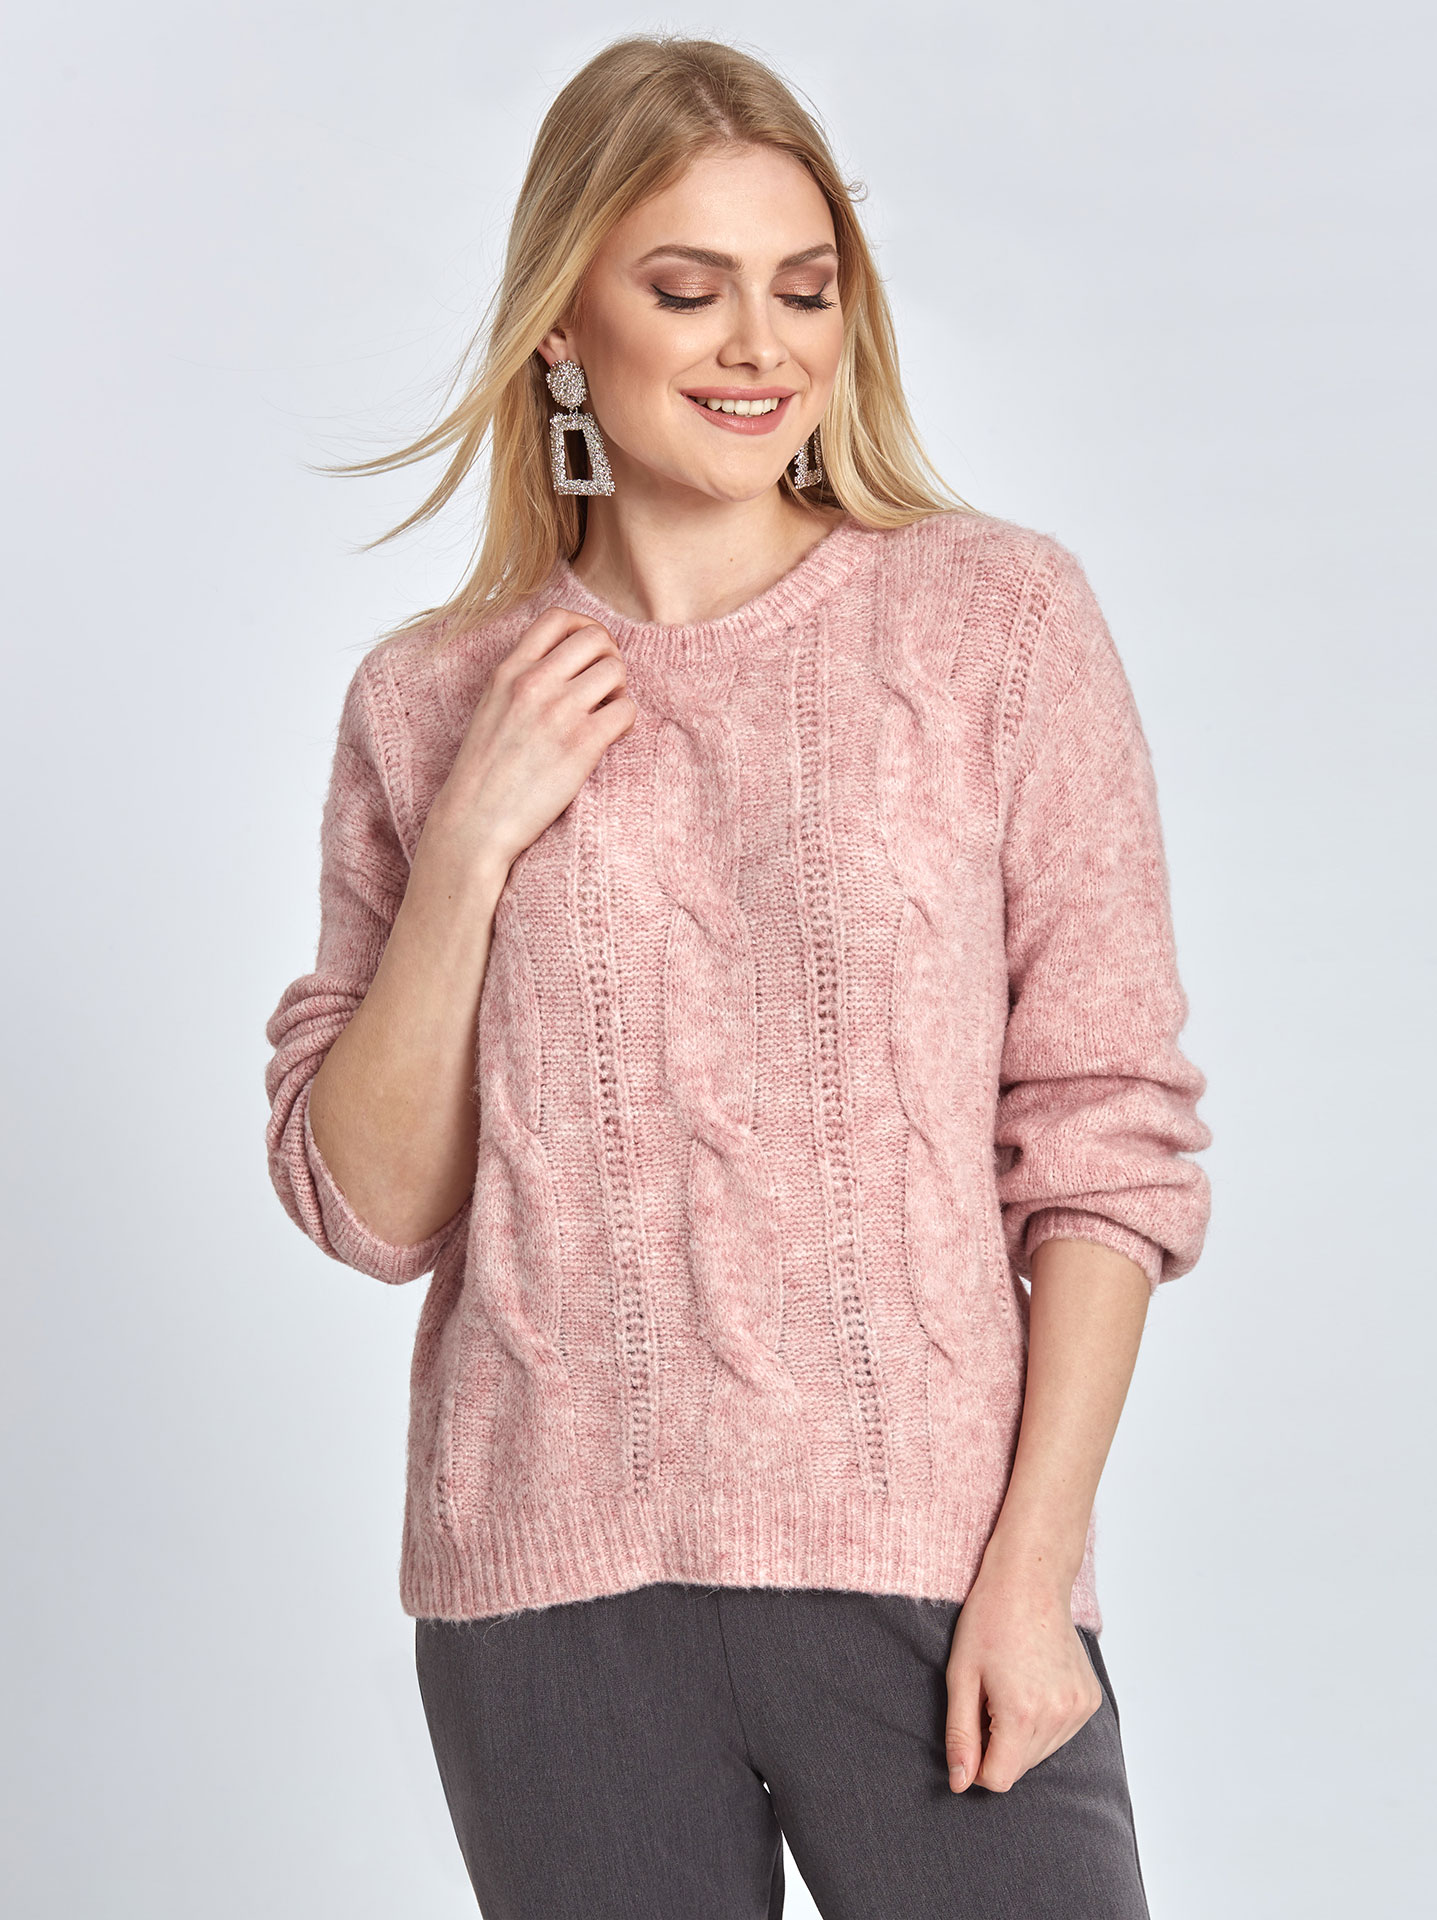 4c08600cc413 Πλεκτό πουλόβερ με σχέδιο σε ροζ